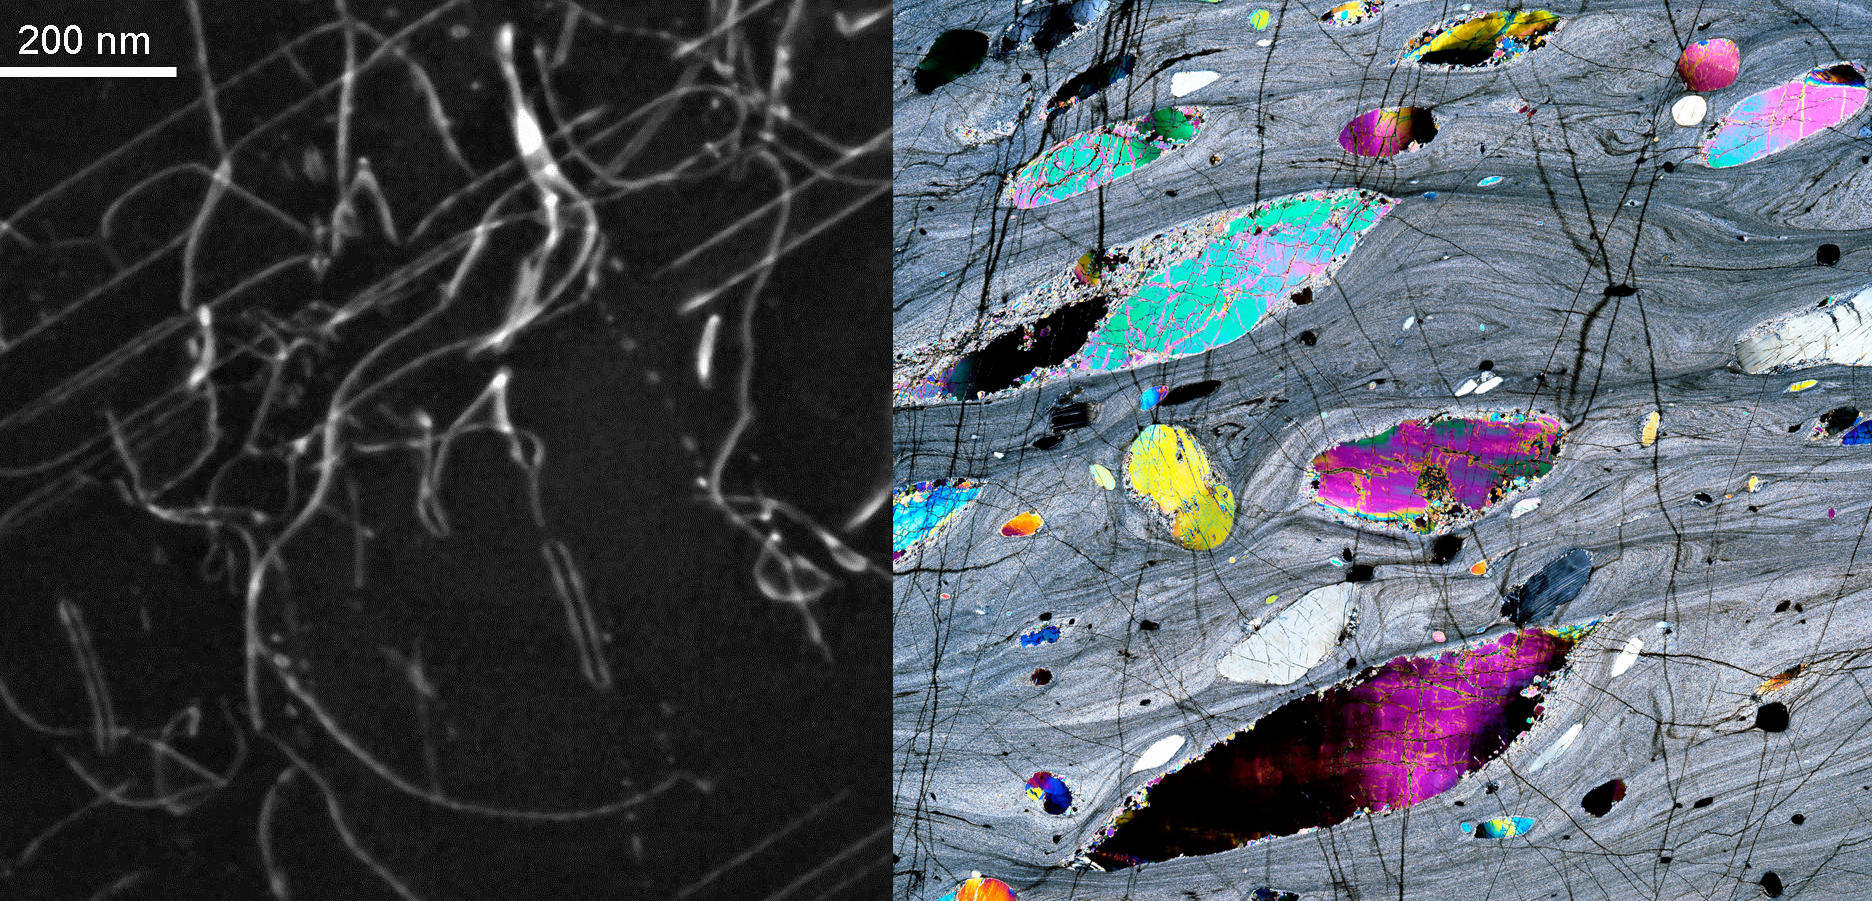 Cristaux d'olivine vus en microscopie électronique, et sous lumière polarisée